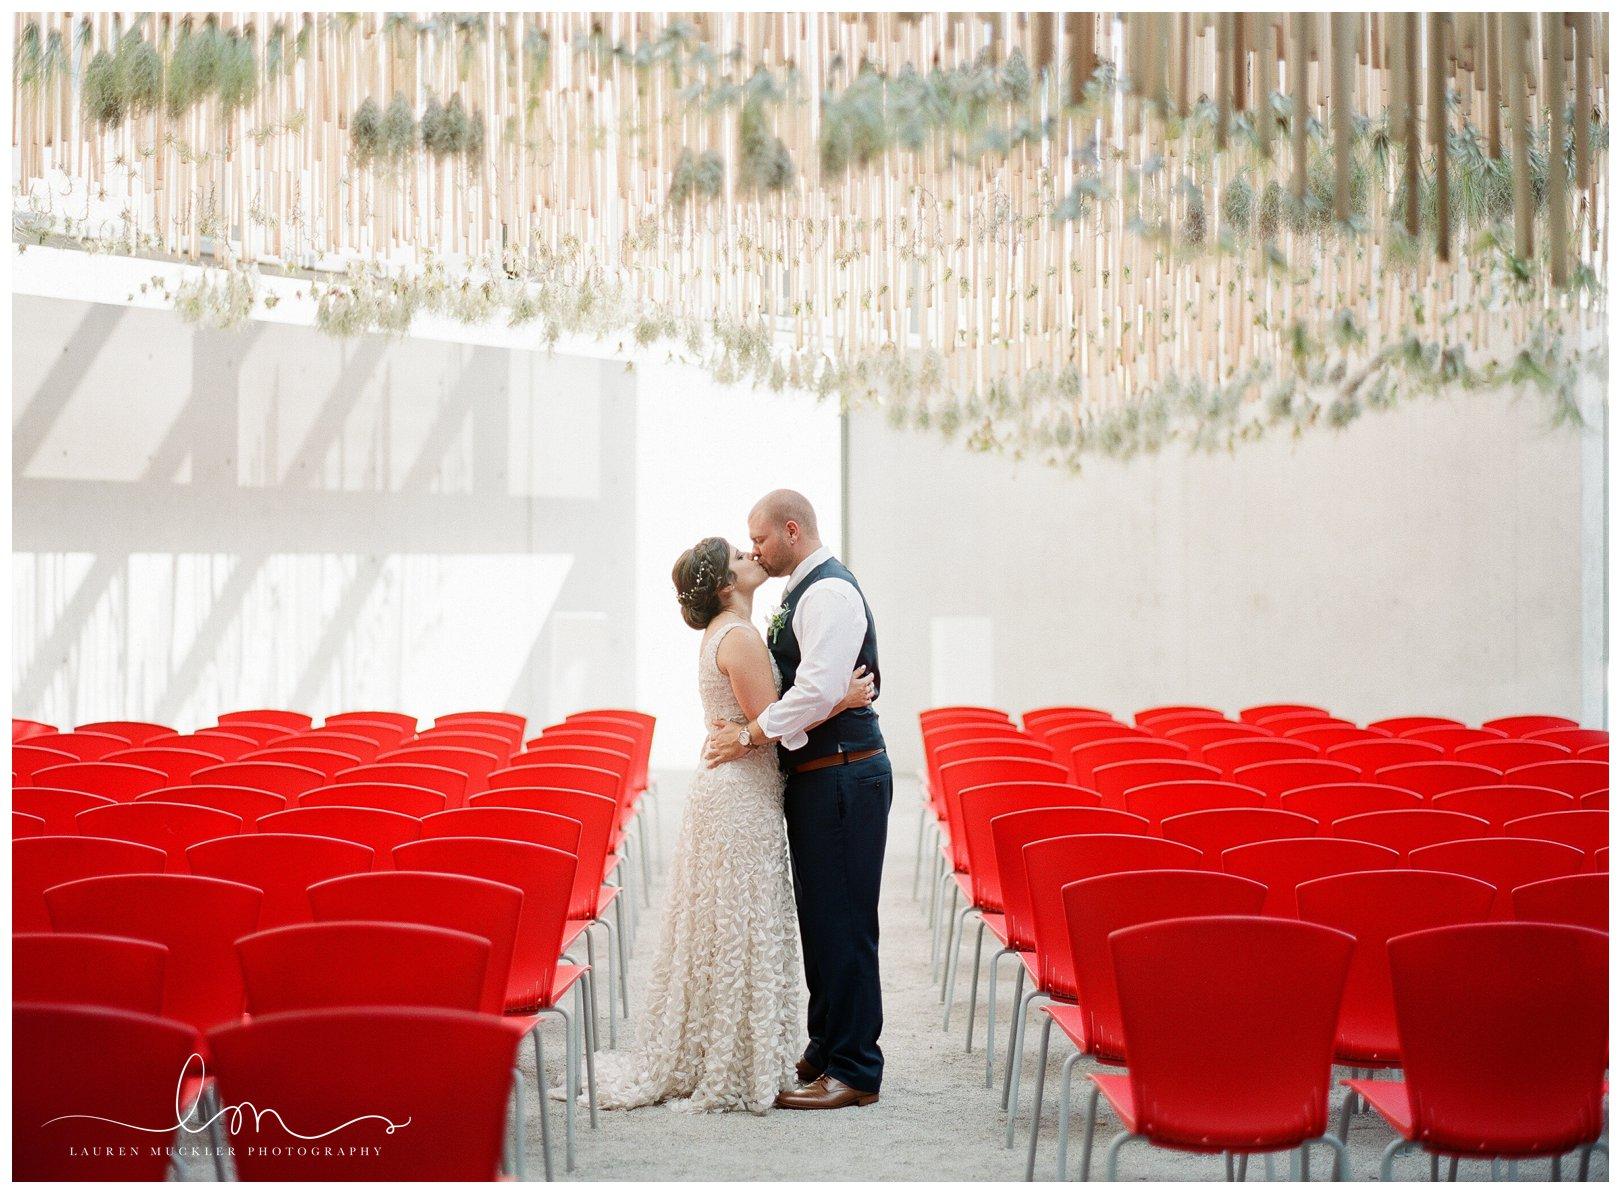 lauren muckler photography_fine art film wedding photography_st louis_photography_0560.jpg